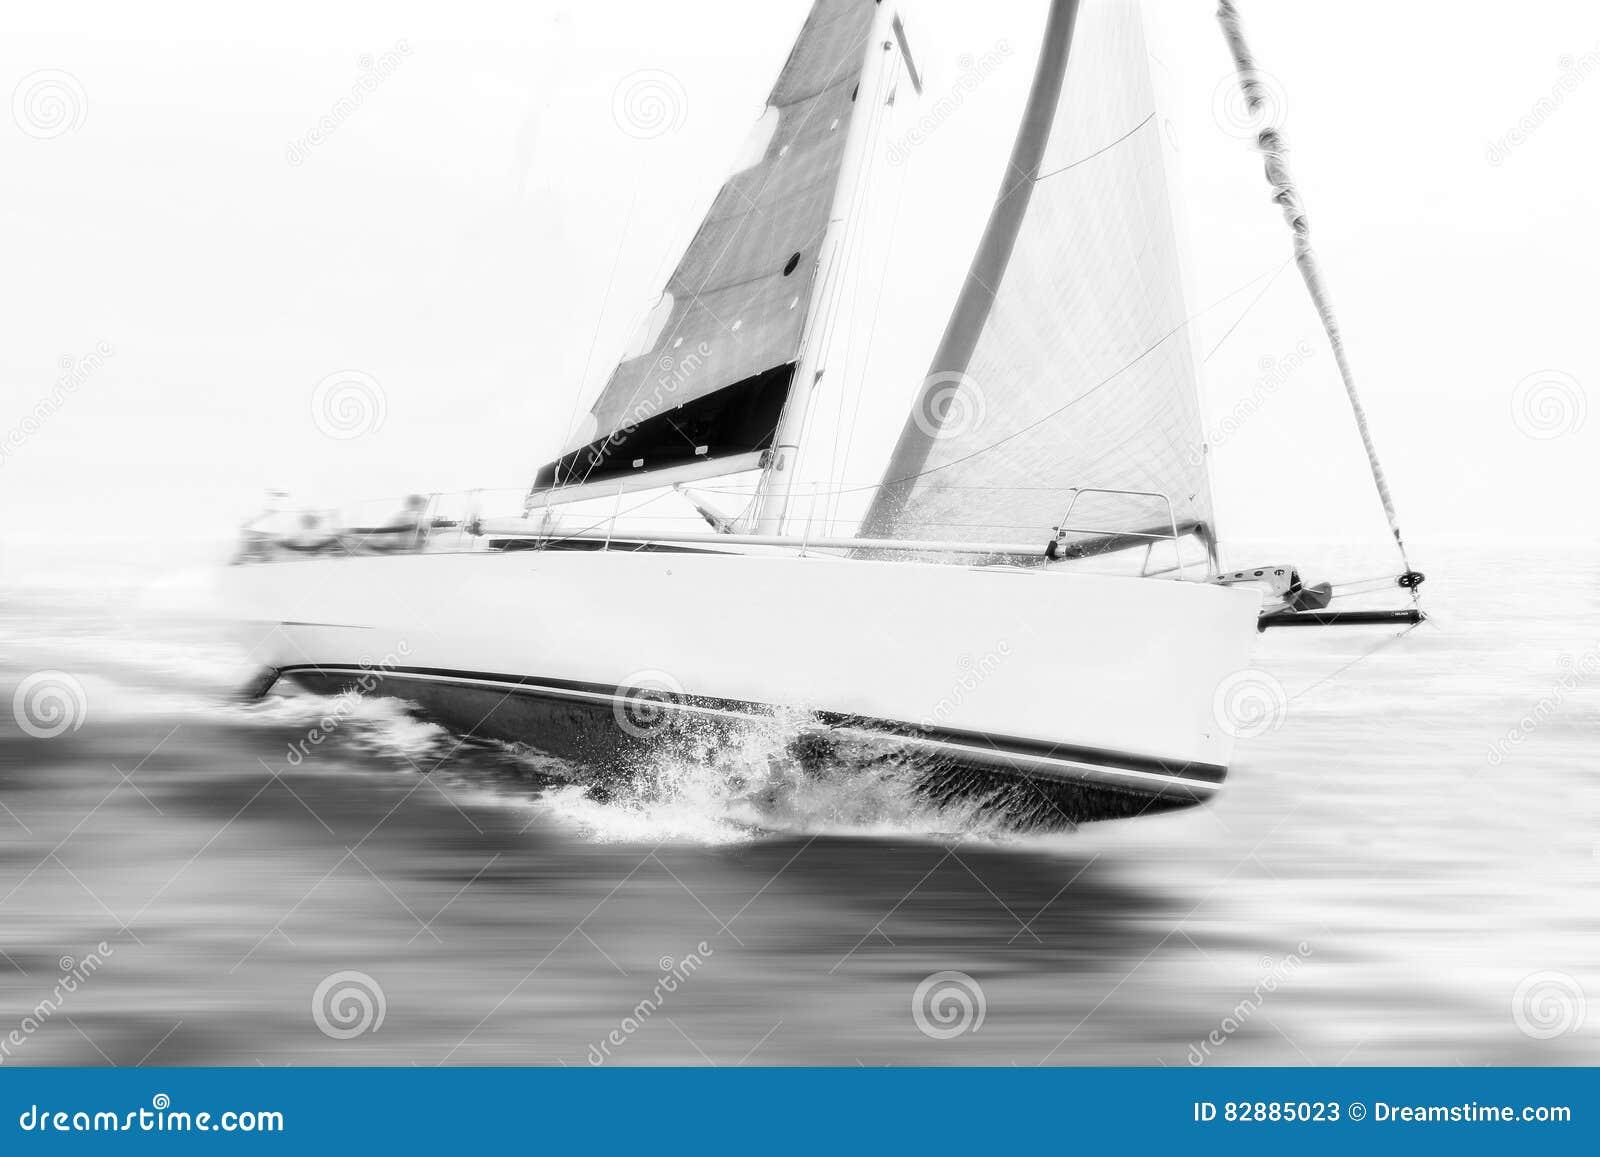 Resultado de imagen de foto gratis velero velocidad